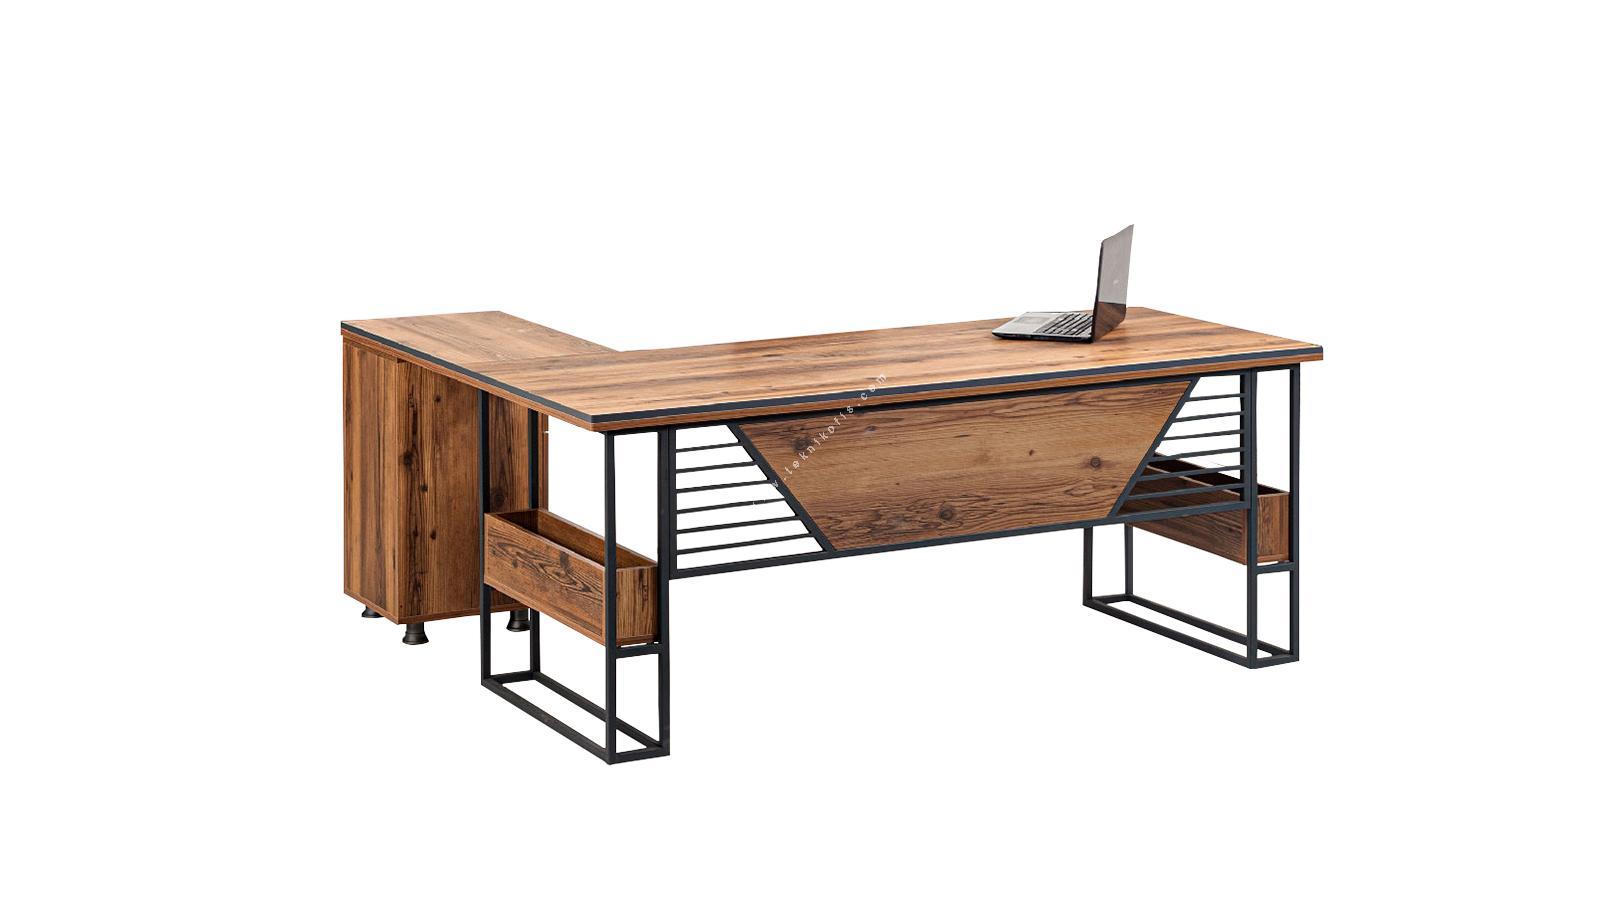 sanawi yönetici masası 200cm